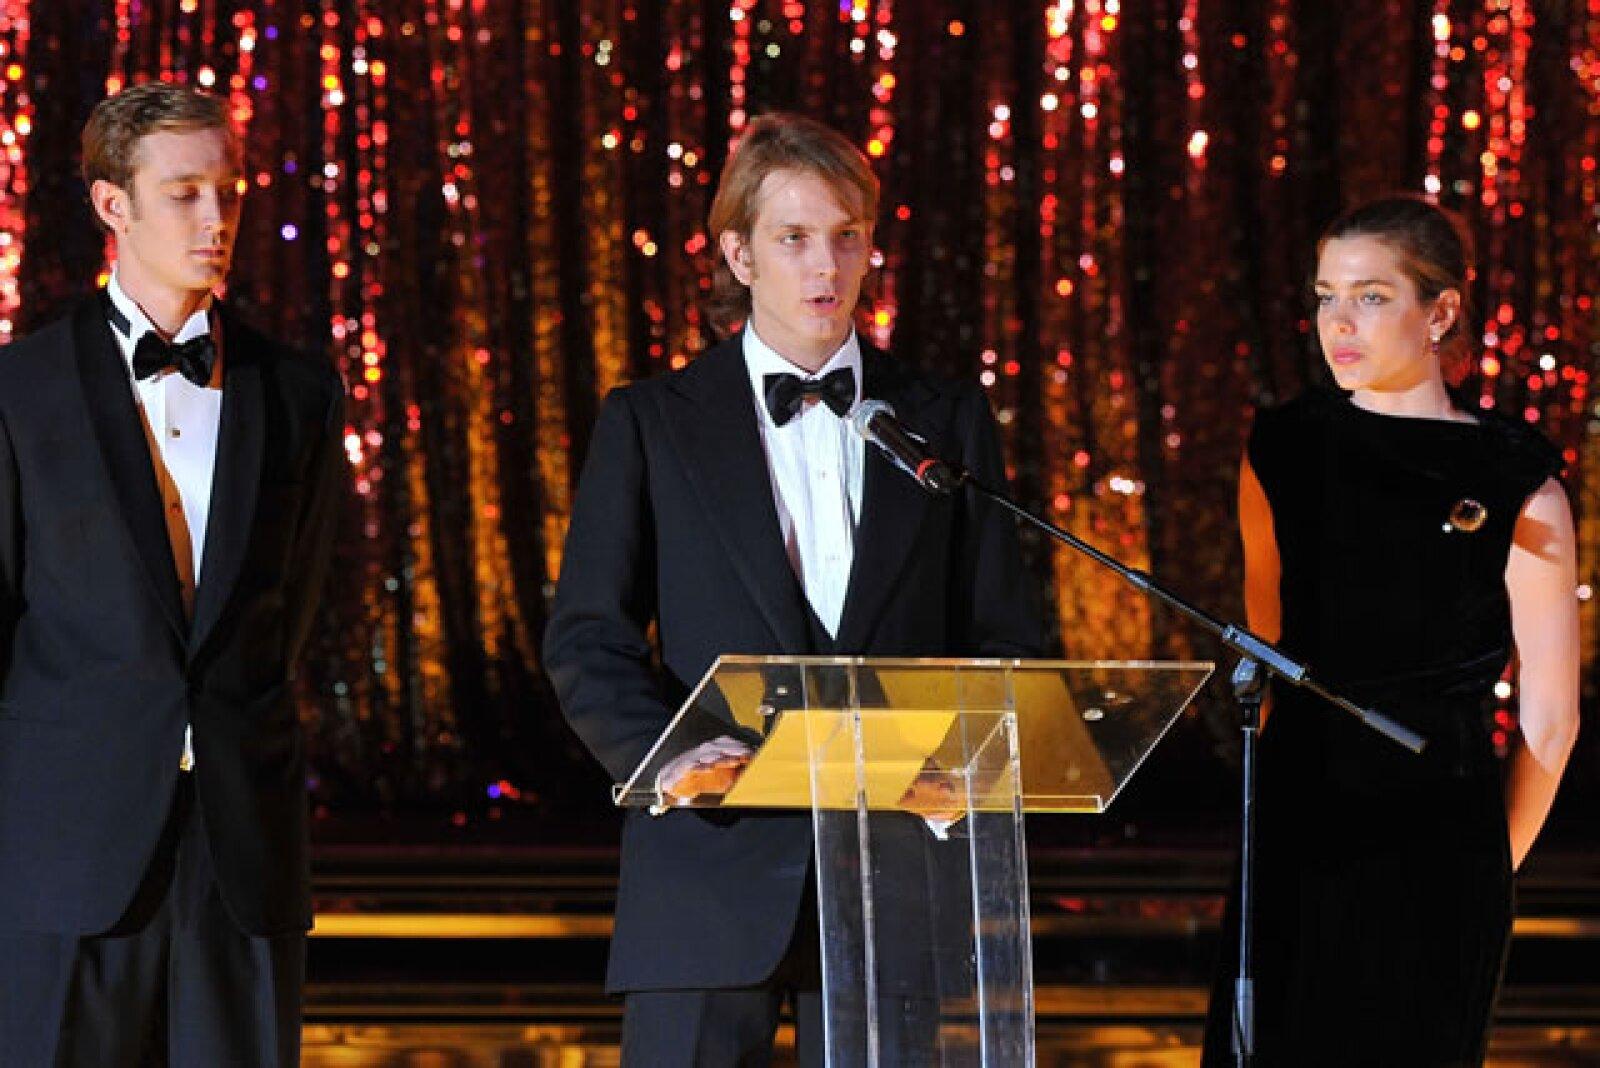 Dando el discurso oficial previo al Baile de la Rosa de este año, acompañado por sus hermanos Pierre y Carlota.